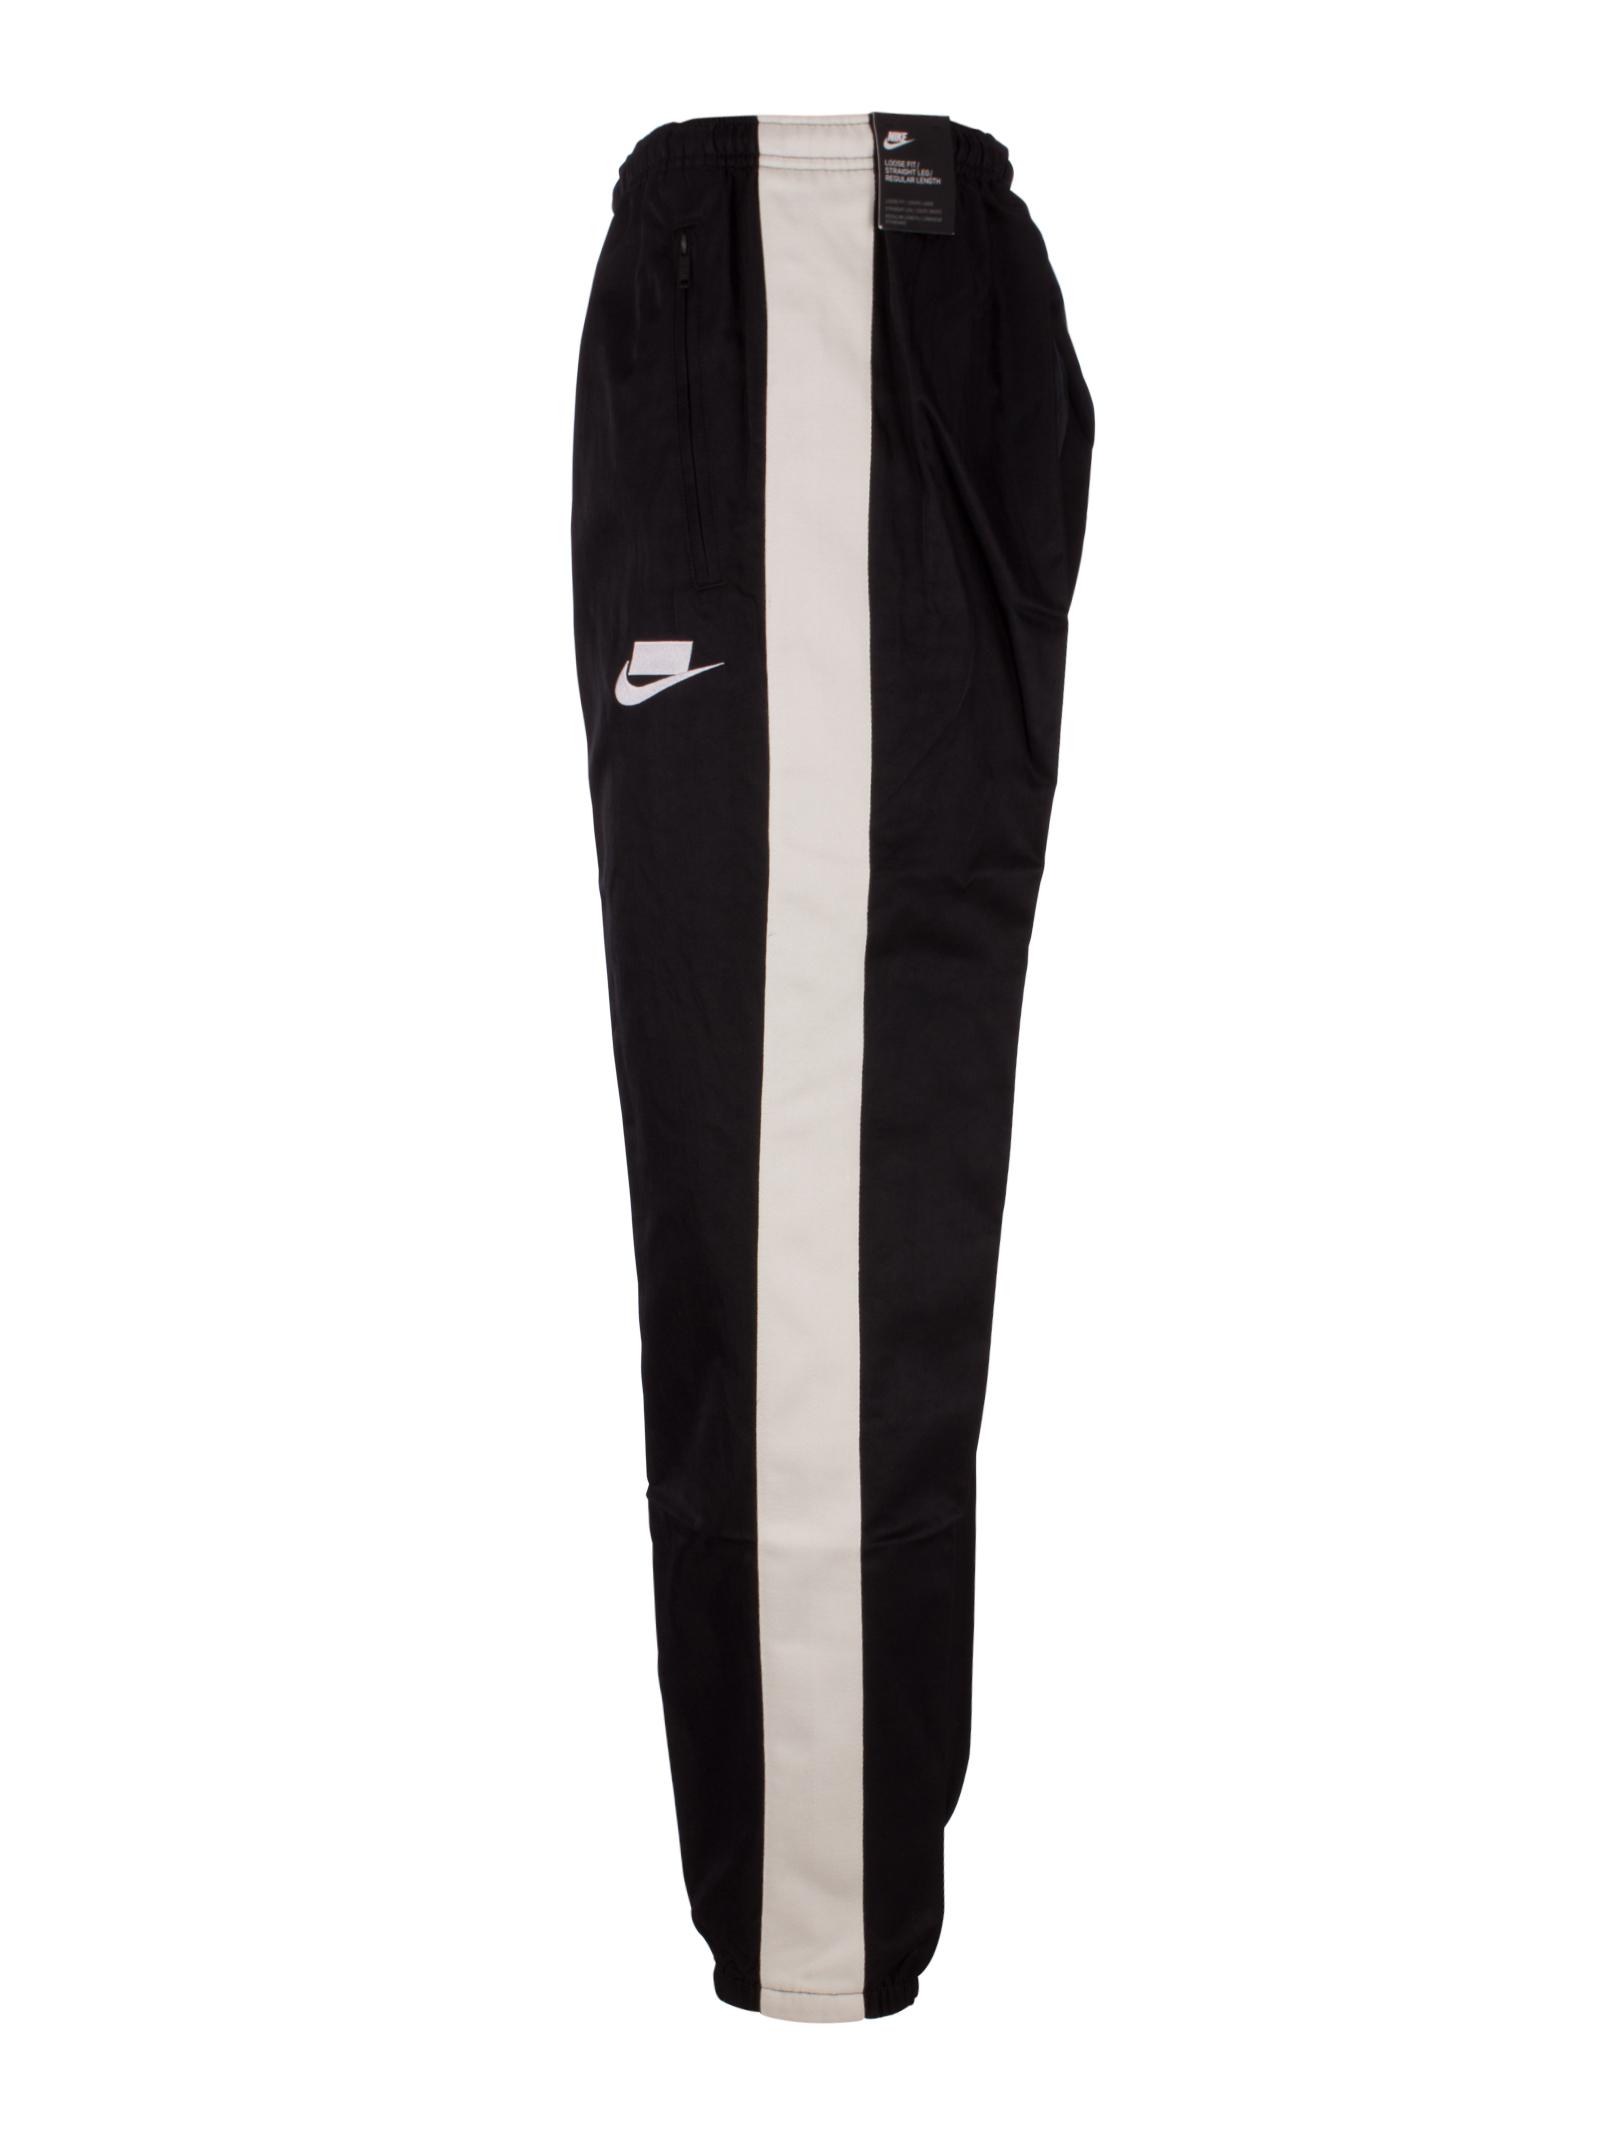 Franzese Nike Pantaloni Pantaloni Nike Michele Moda Michele Franzese Moda q0ZOwq